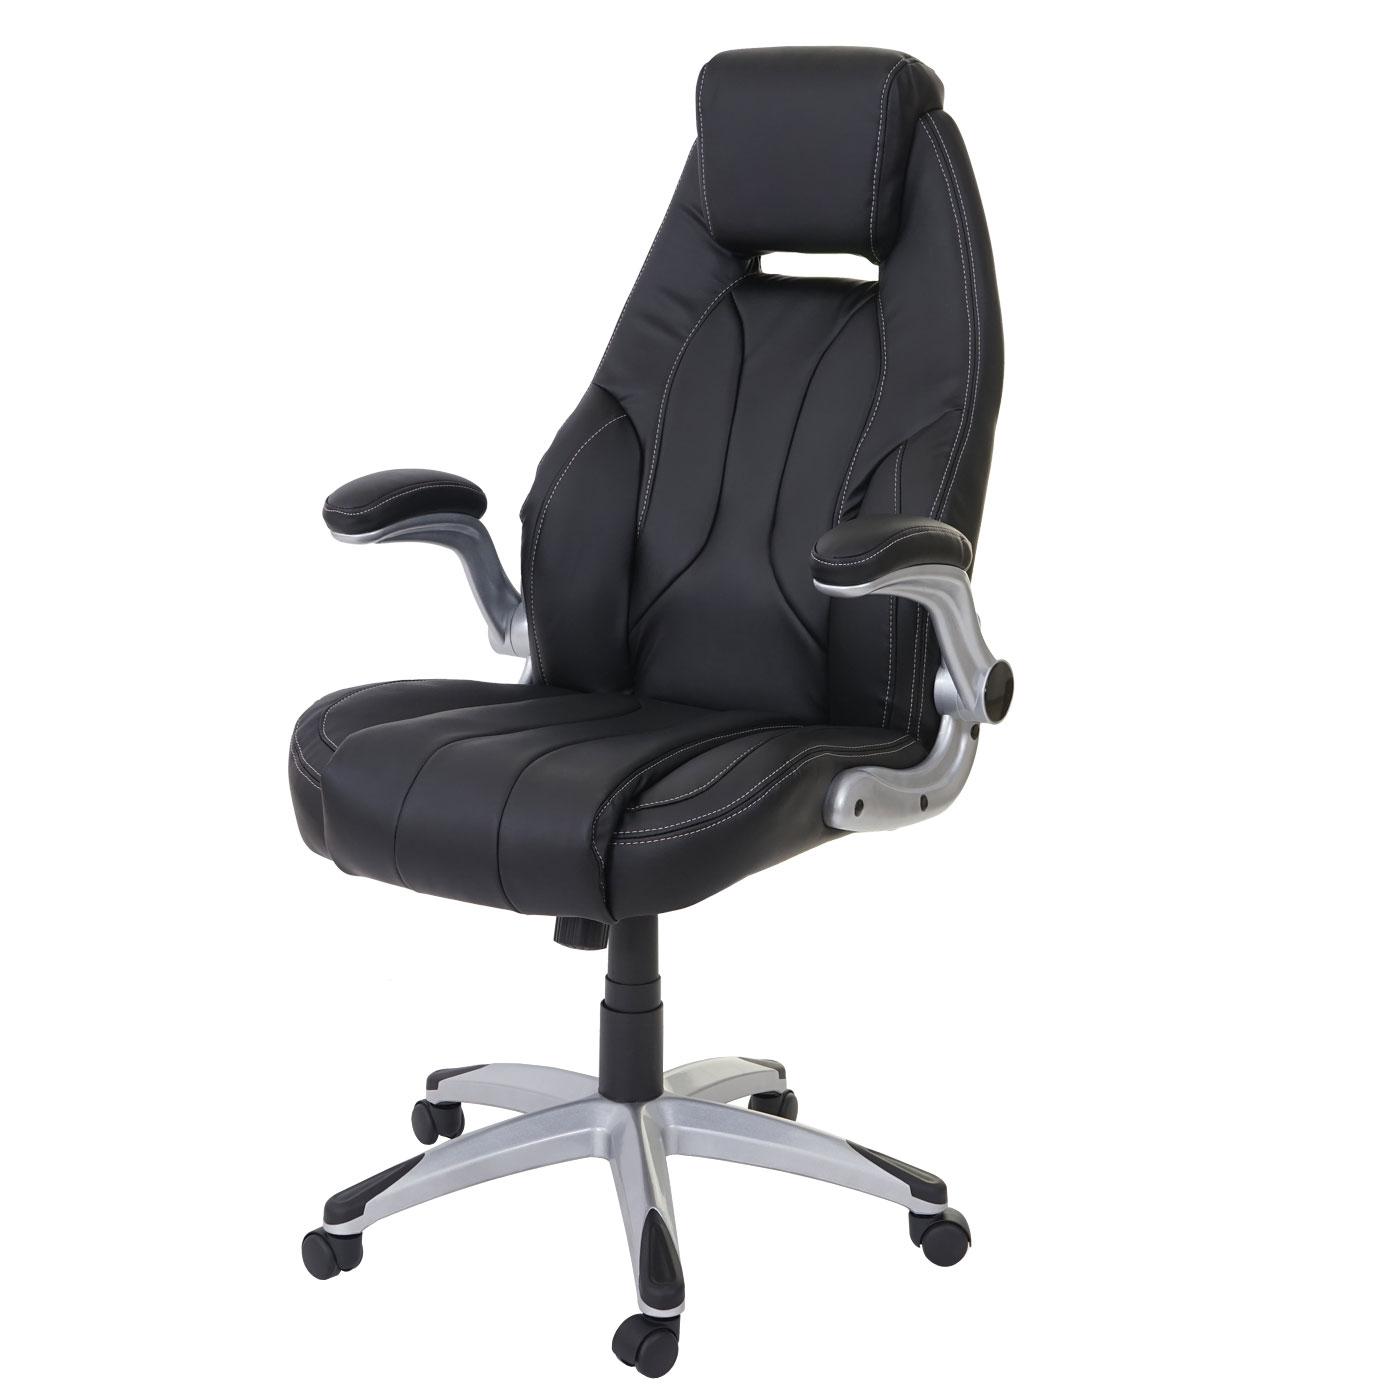 b rostuhl hwc a65 schreibtischstuhl chefsessel drehstuhl kunstleder schwarz. Black Bedroom Furniture Sets. Home Design Ideas